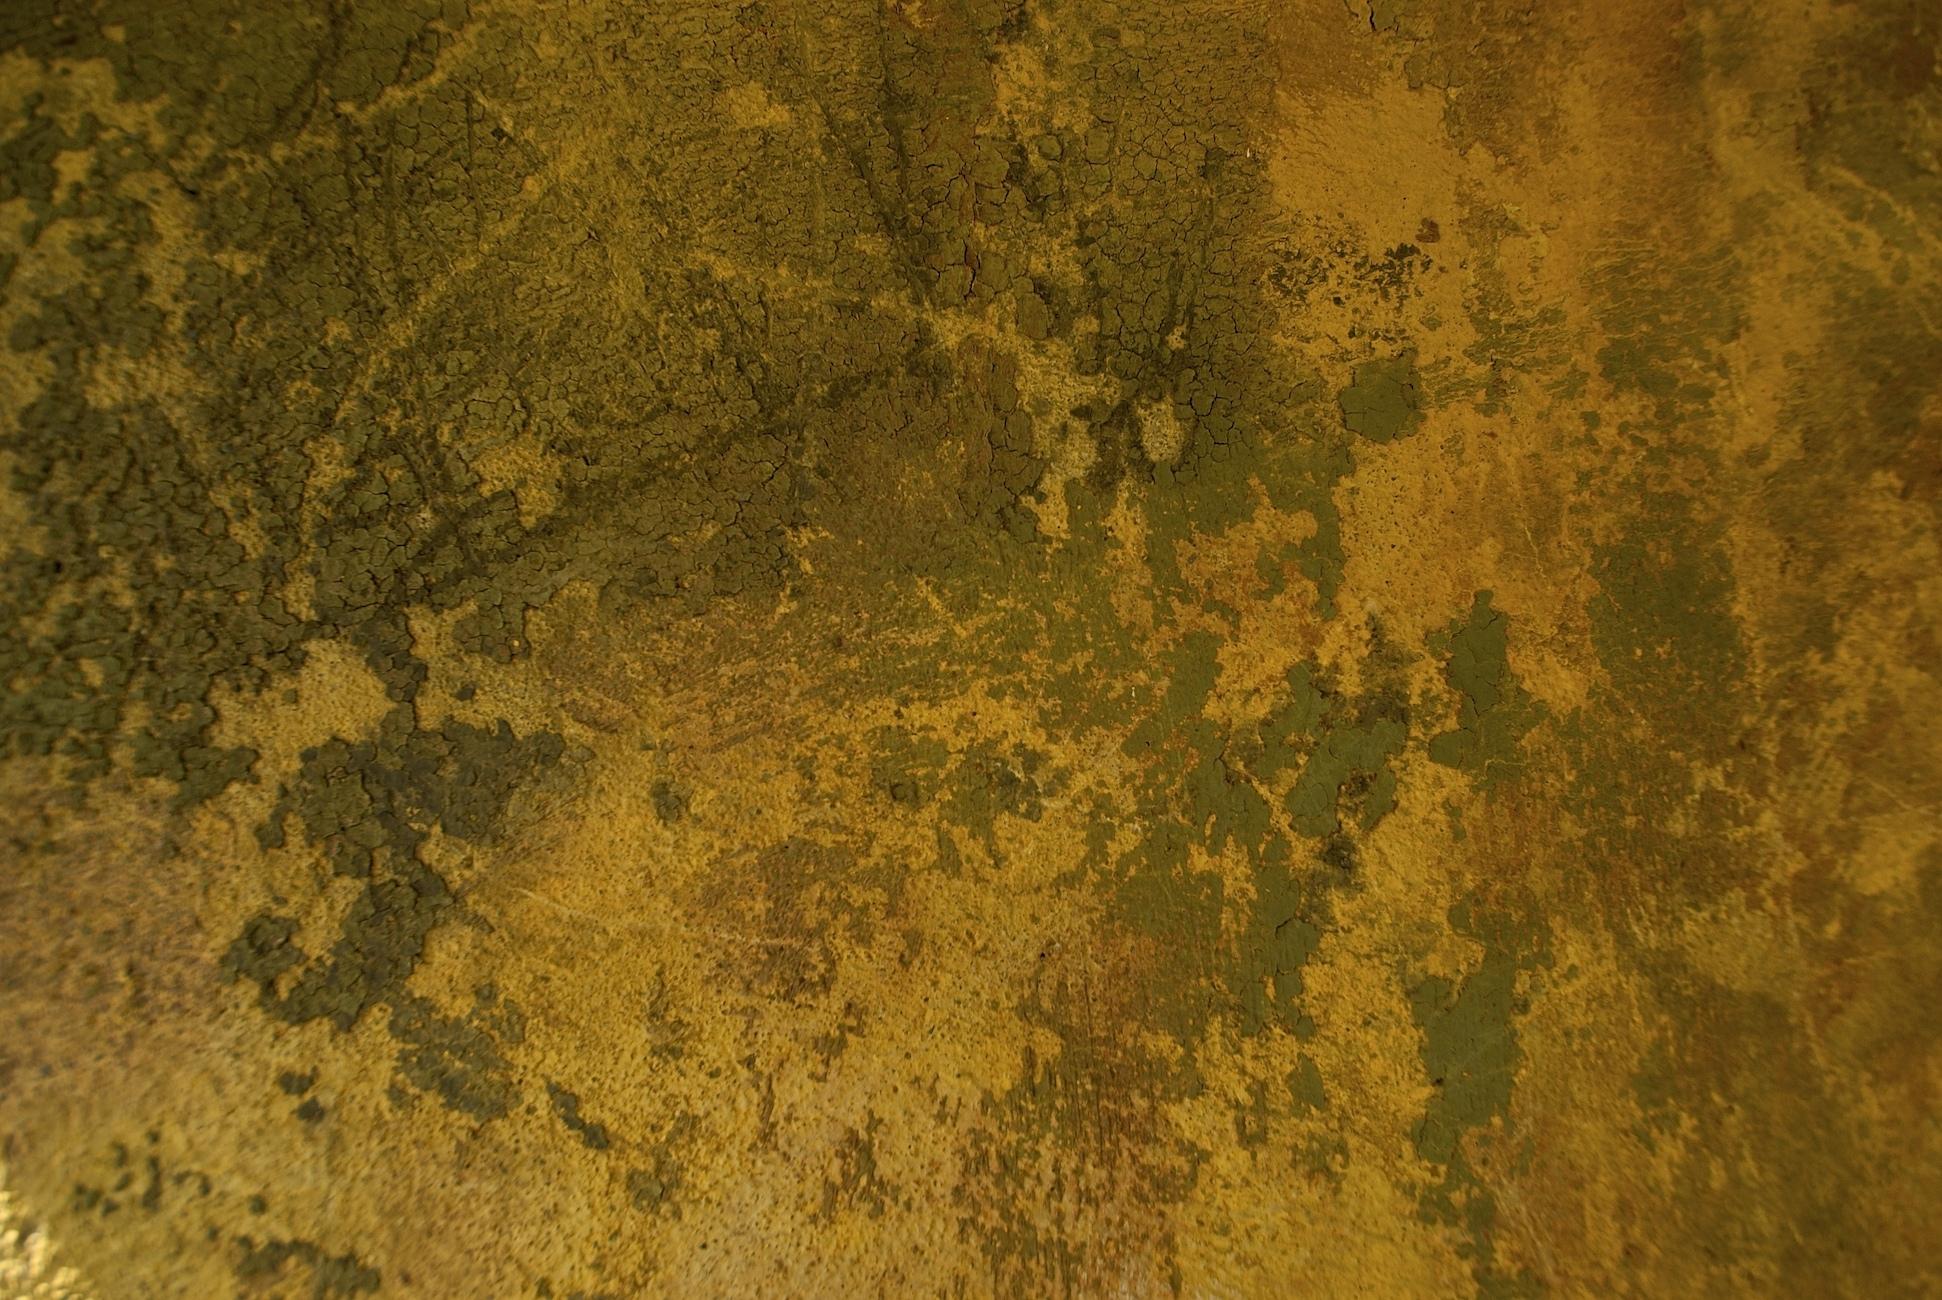 teXture  Rough Concrete  Crackle Paint 001  This is a